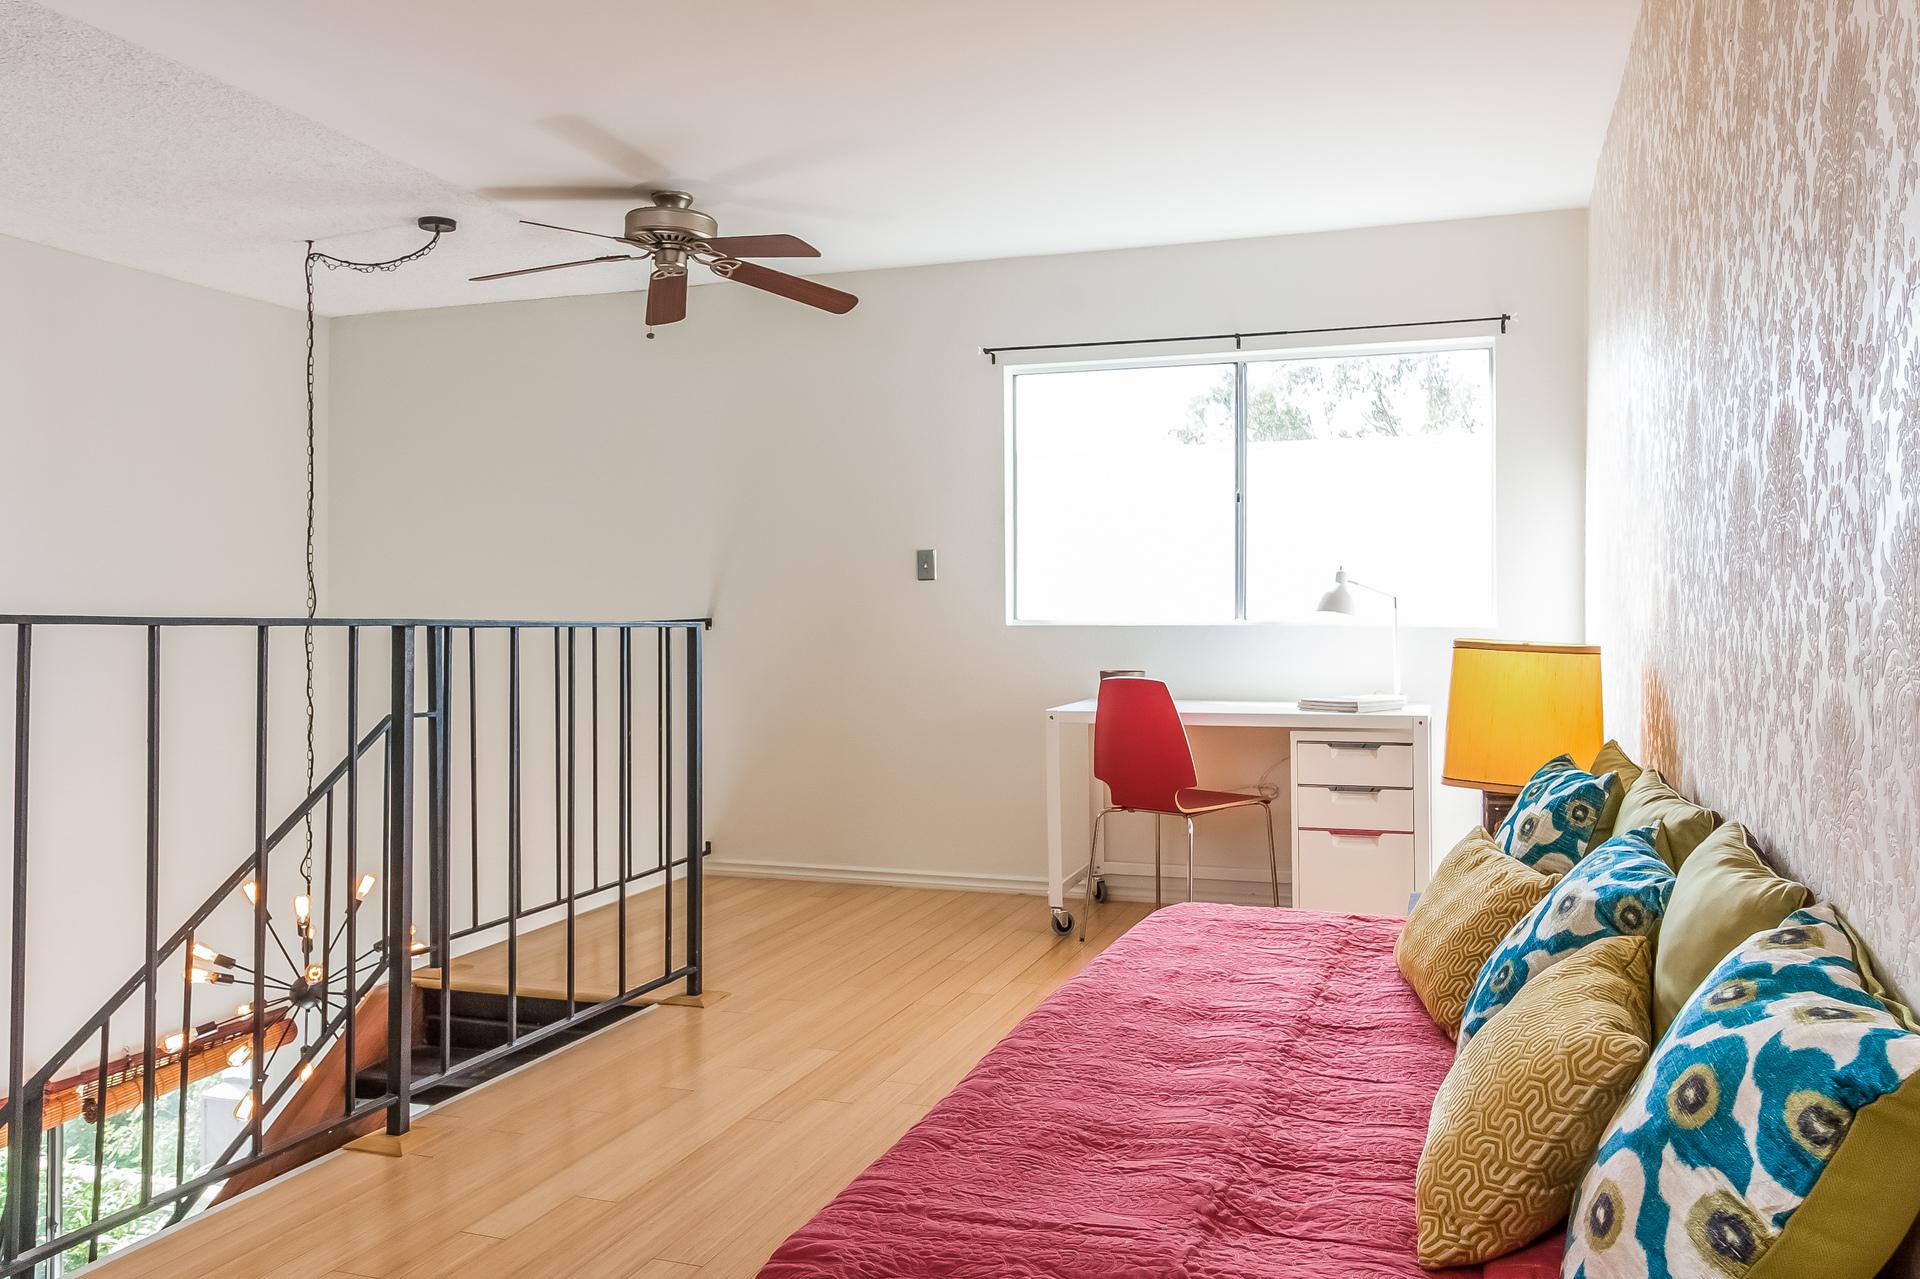 010-Loft_Room-2257786-medium.jpg